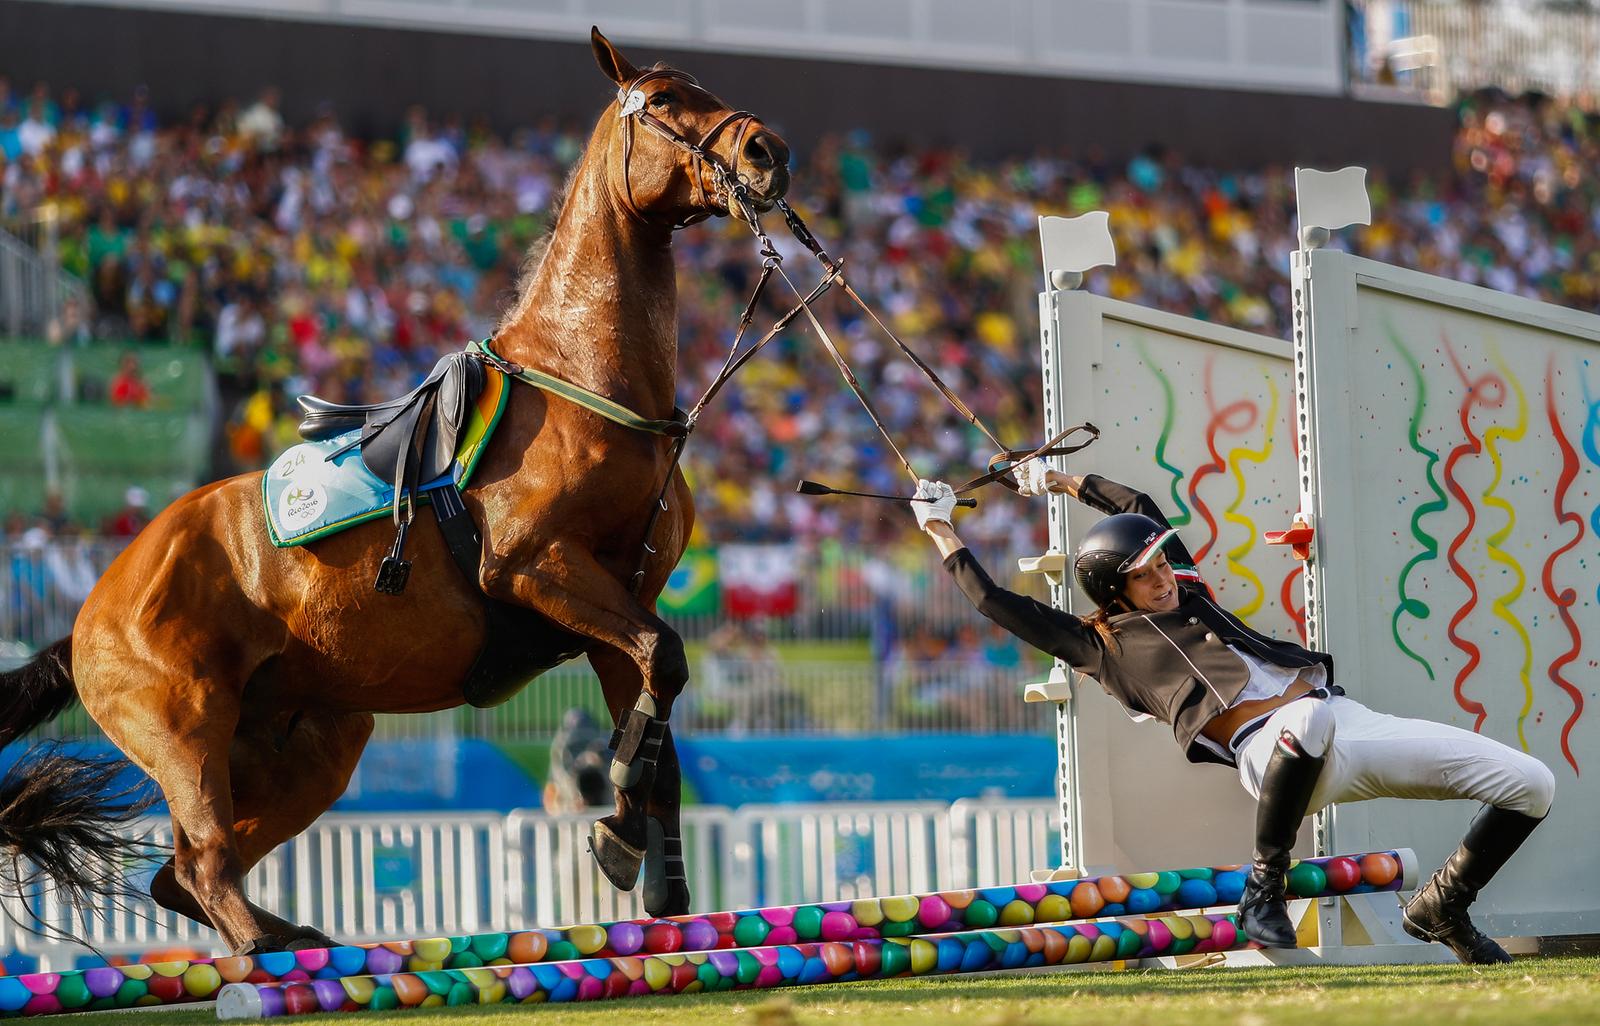 Венгерка Жофия Фольдхази не смогла найти общий язык со своей лошадью